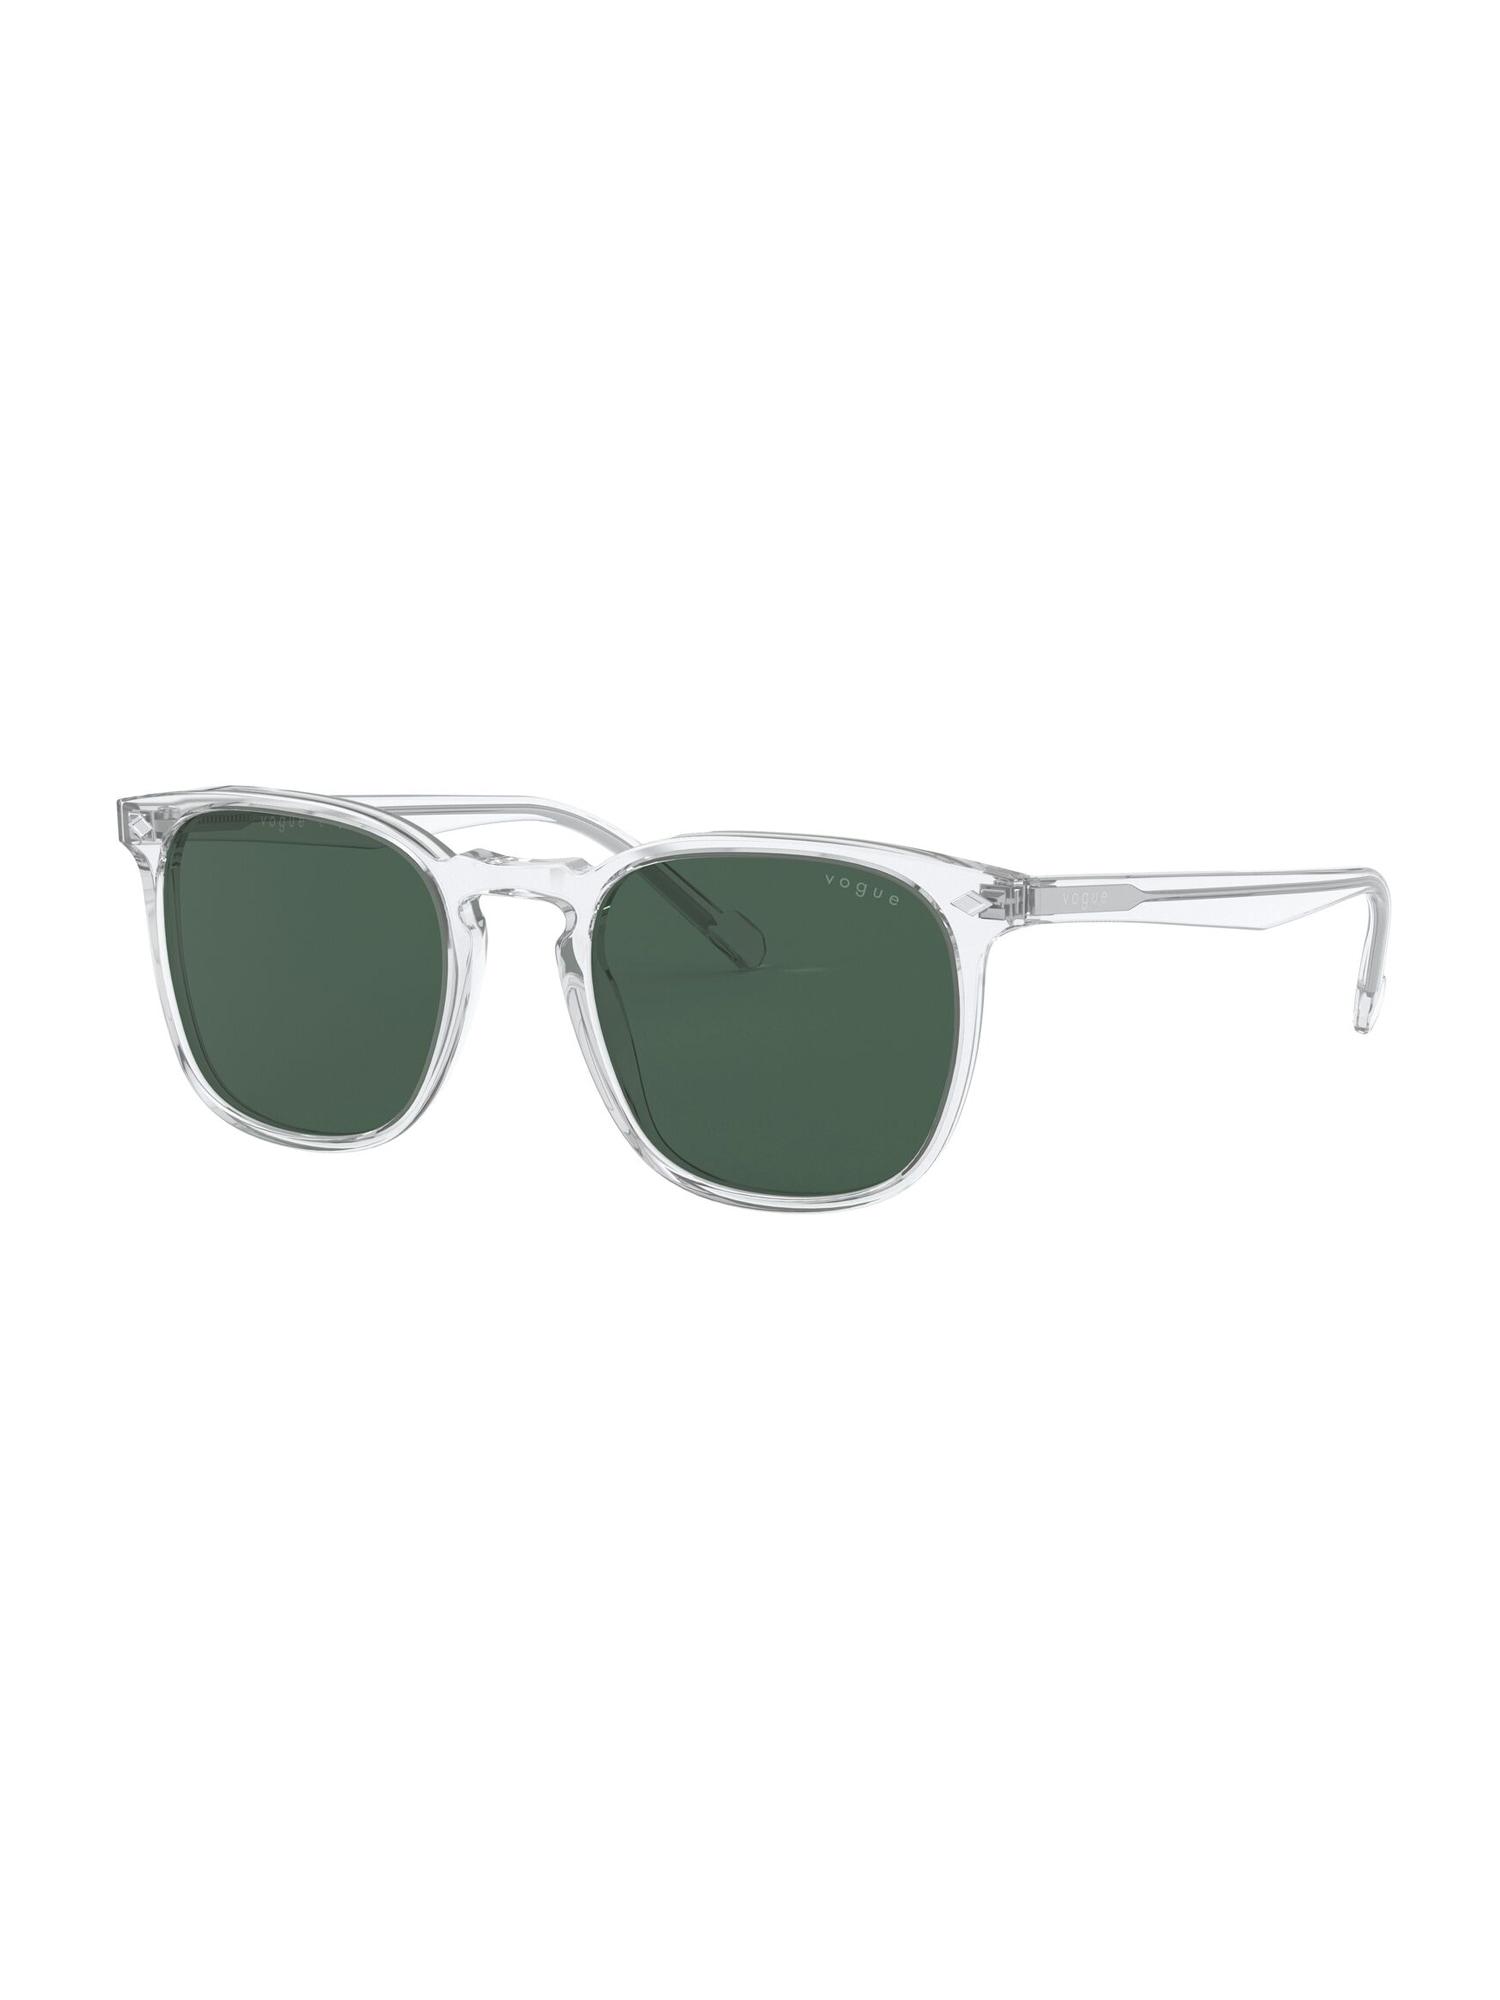 VOGUE Eyewear Akiniai nuo saulės 'VO5328S W74571' juoda / skaidri spalva